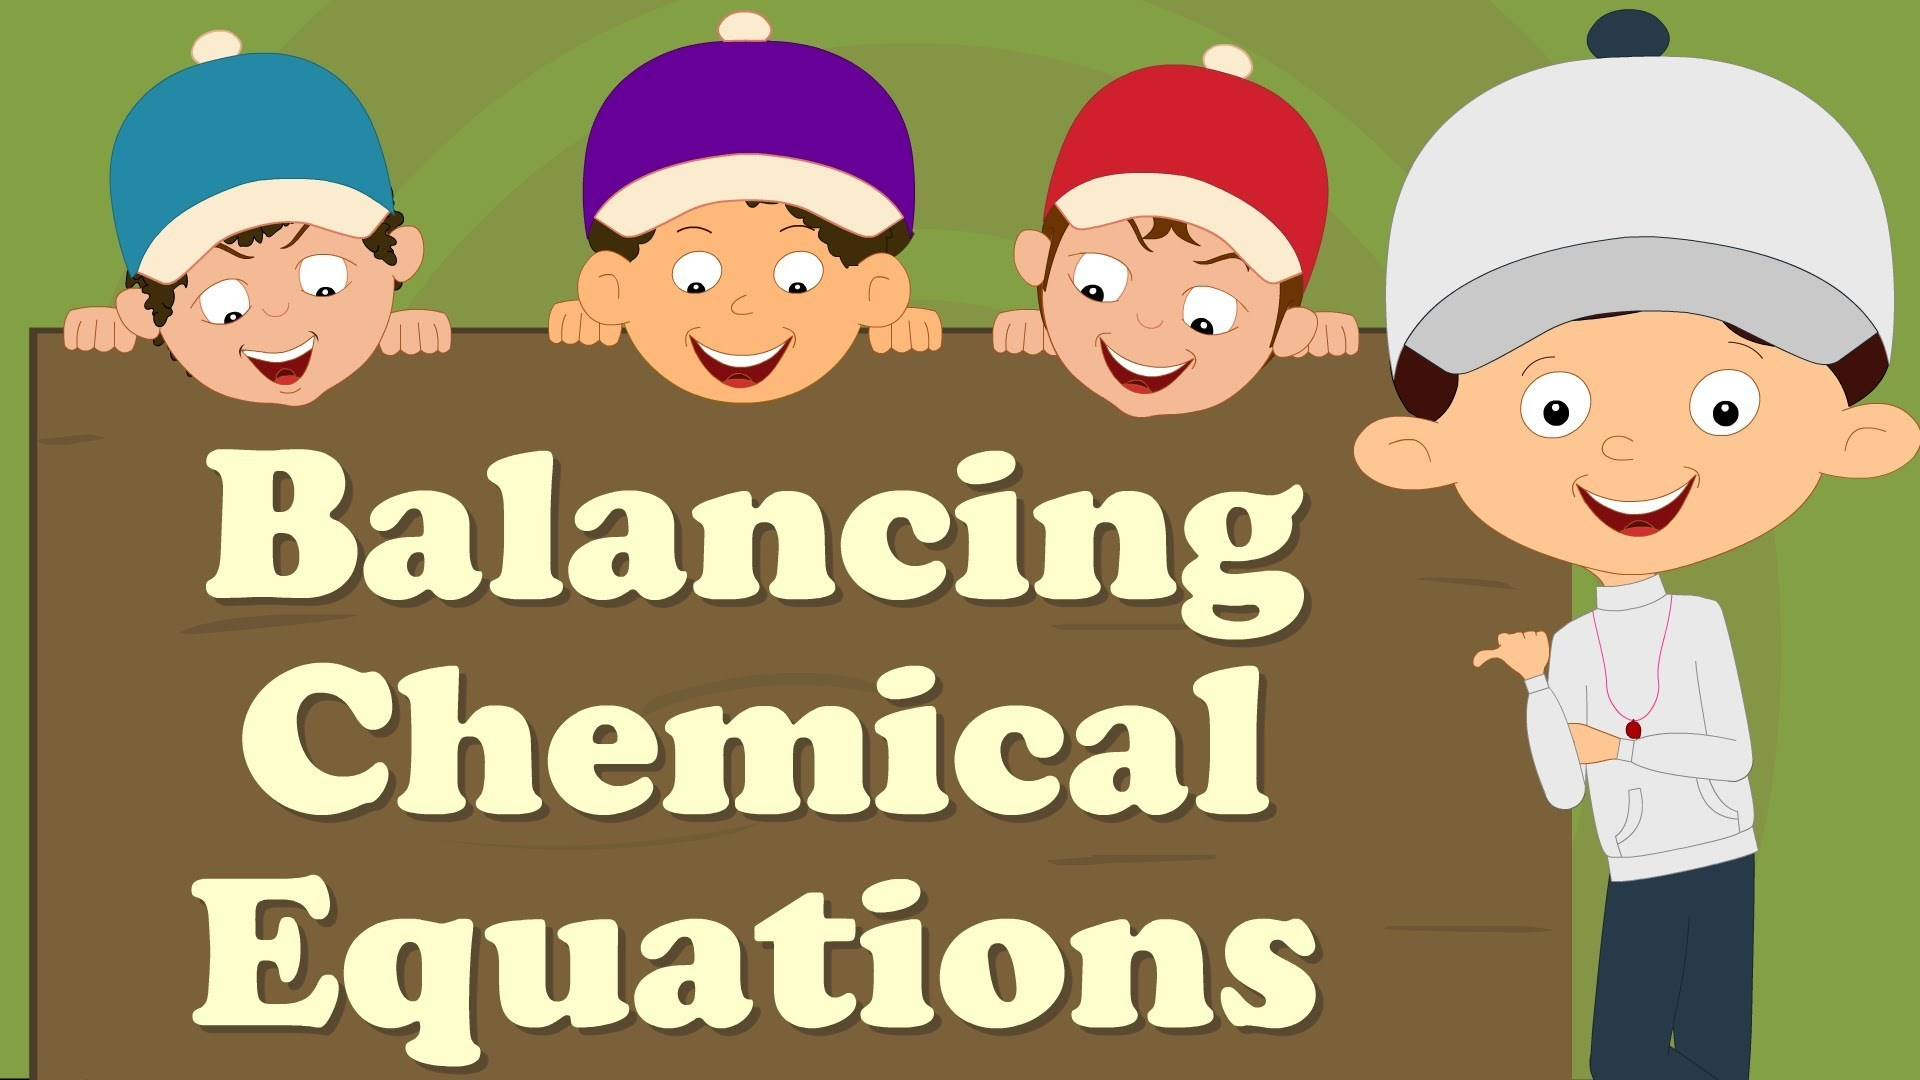 Balance The Chemical Equation Pb No Pbo No O